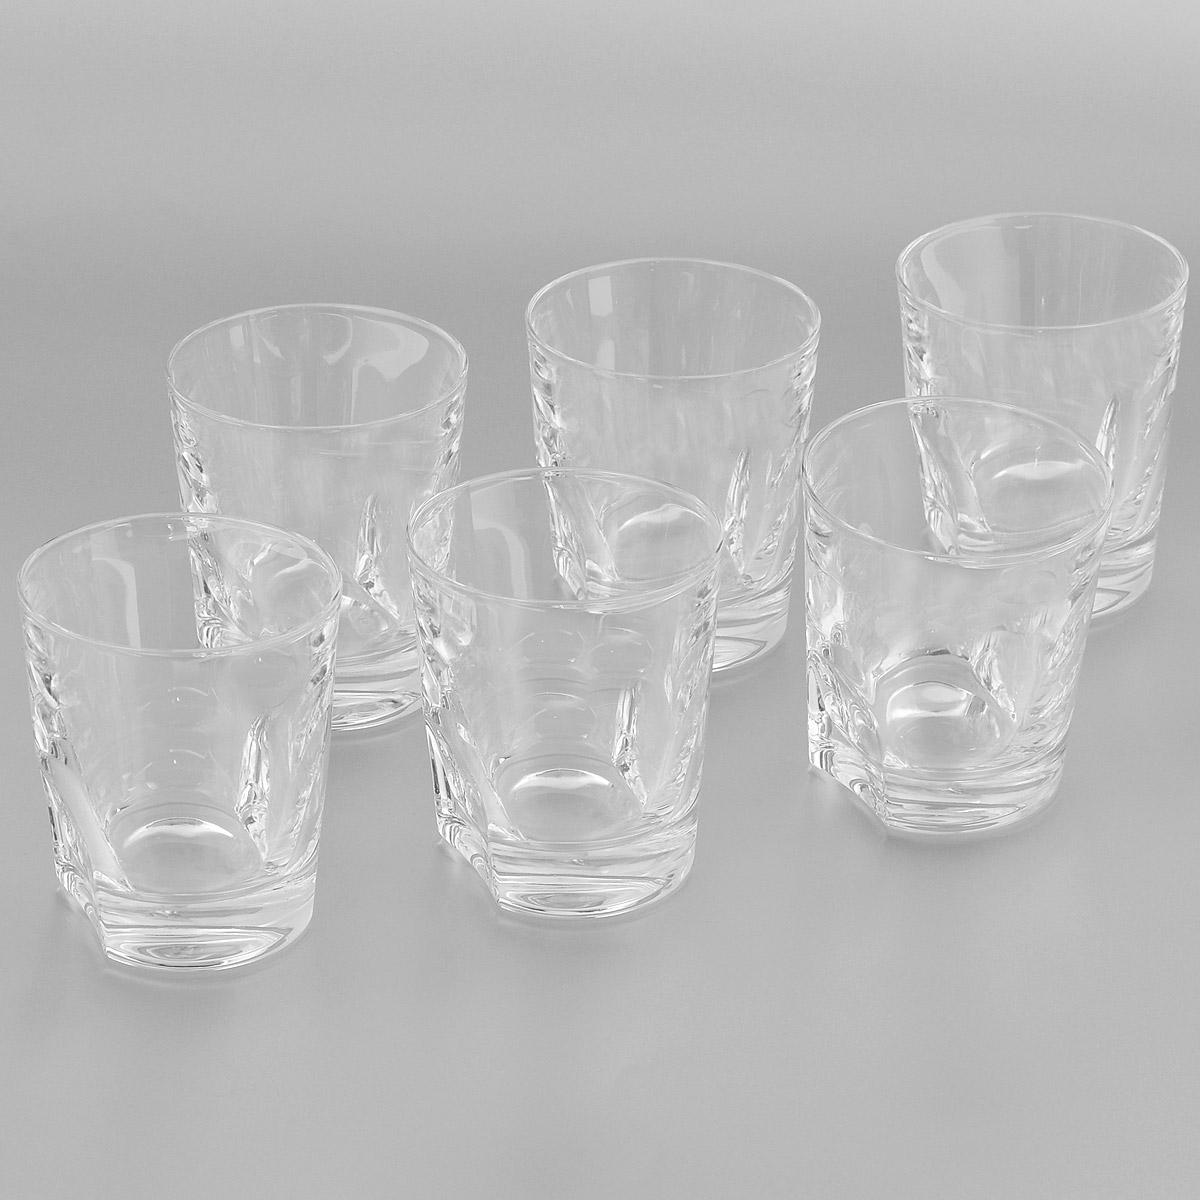 Набор стаканов Crystal Bohemia, 300 мл, 6 шт990/20200/0/37701/300-609Набор Crystal Bohemia состоит из шести стаканов. Изделия выполнены из прочного высококачественного хрусталя. Они излучают приятный блеск и издают мелодичный звон. Набор предназначен для подачи виски, бренди или коктейлей.Набор Crystal Bohemia прекрасно оформит интерьер кабинета или гостиной и станет отличным дополнением бара. Такой набор также станет хорошим подарком к любому случаю. Диаметр по верхнему краю: 8 см. Высота стакана: 9 см. Размер основания: 6,8 см х 5 см.